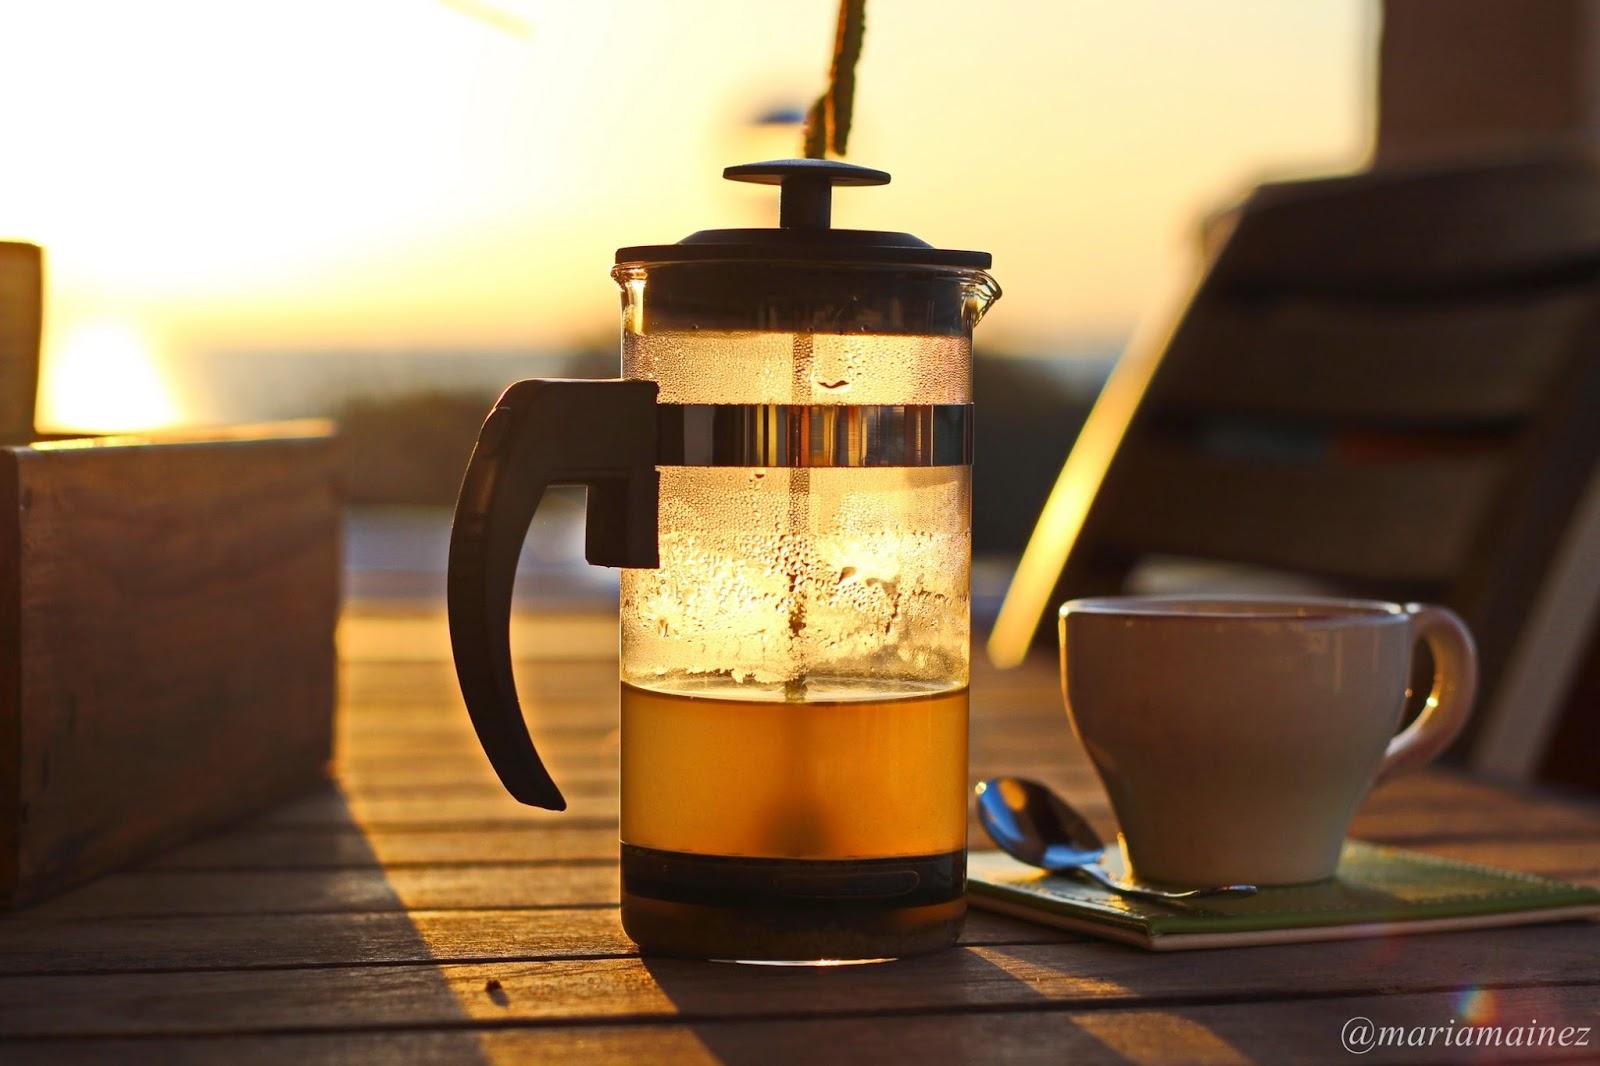 Cafe Verde - Infusióndecafe - Infusión de Café - Café sin tostar